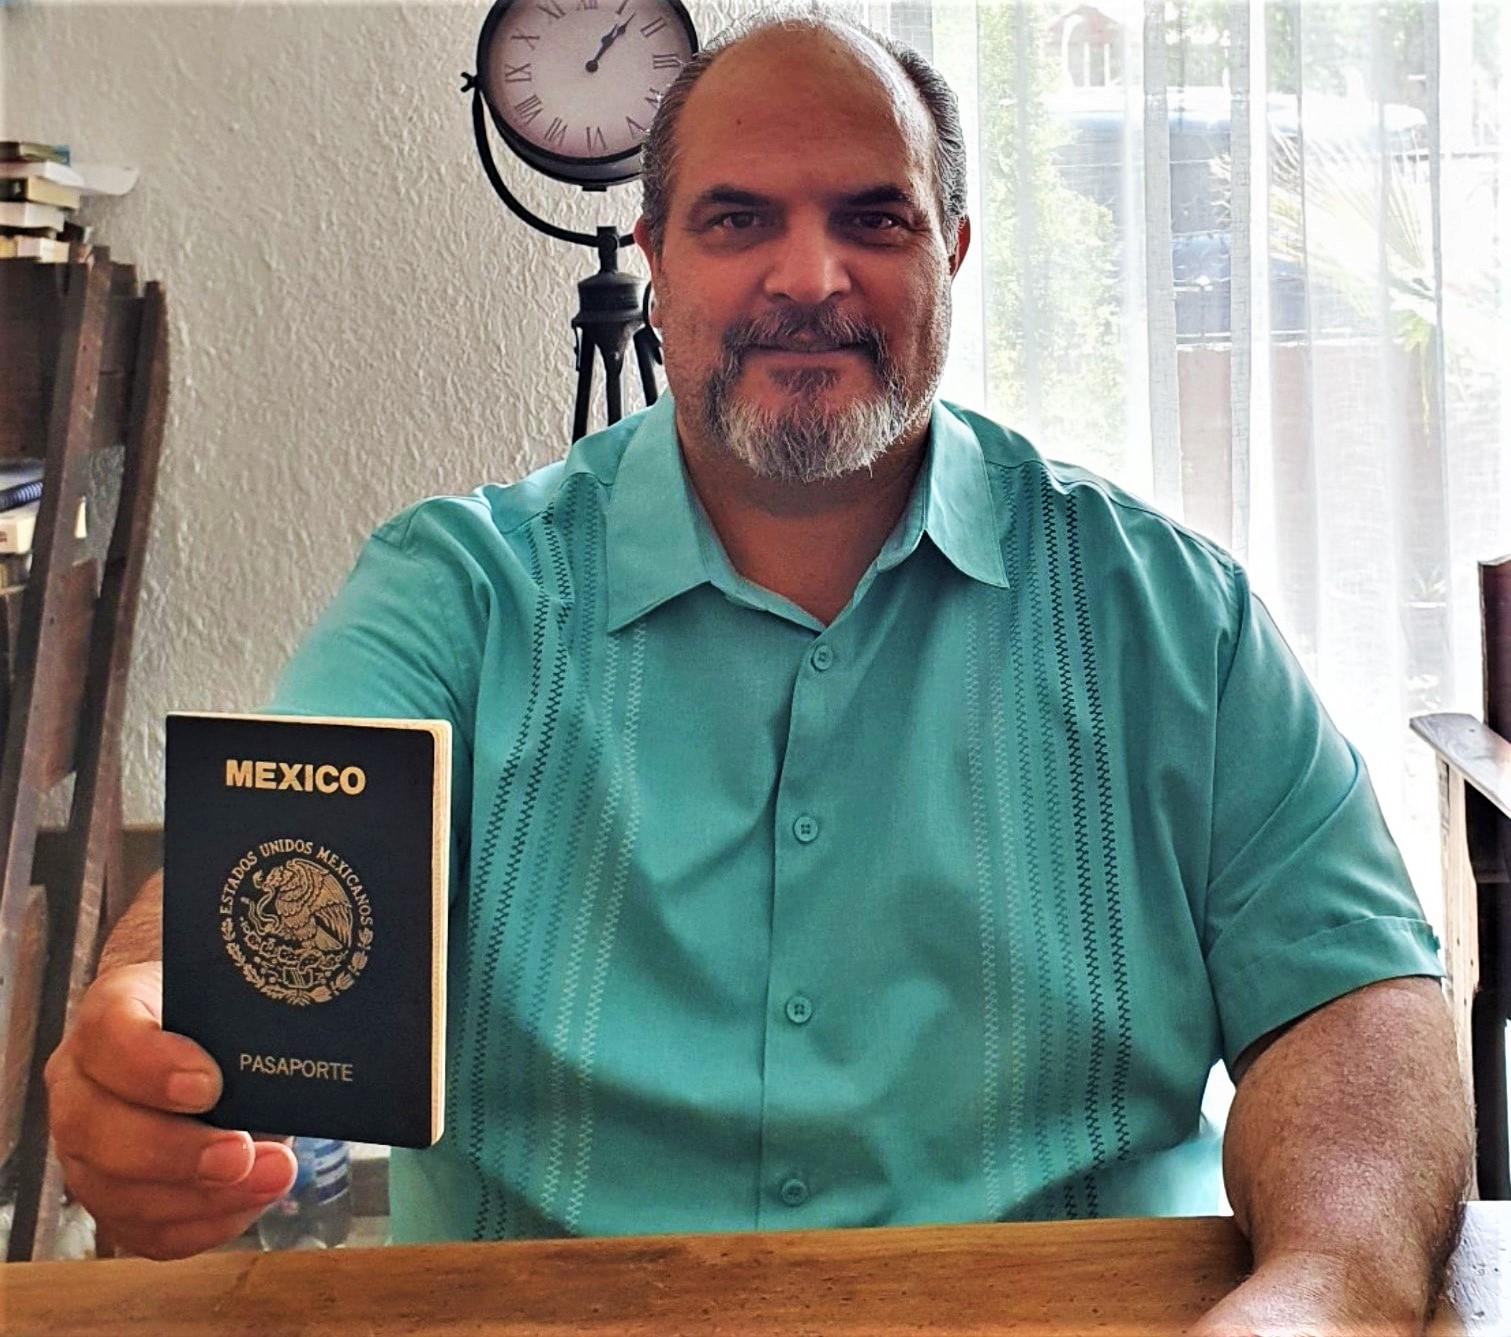 También tengo mi pasaporte, ¿y la diputada del PAN?: Benjamín Carrera